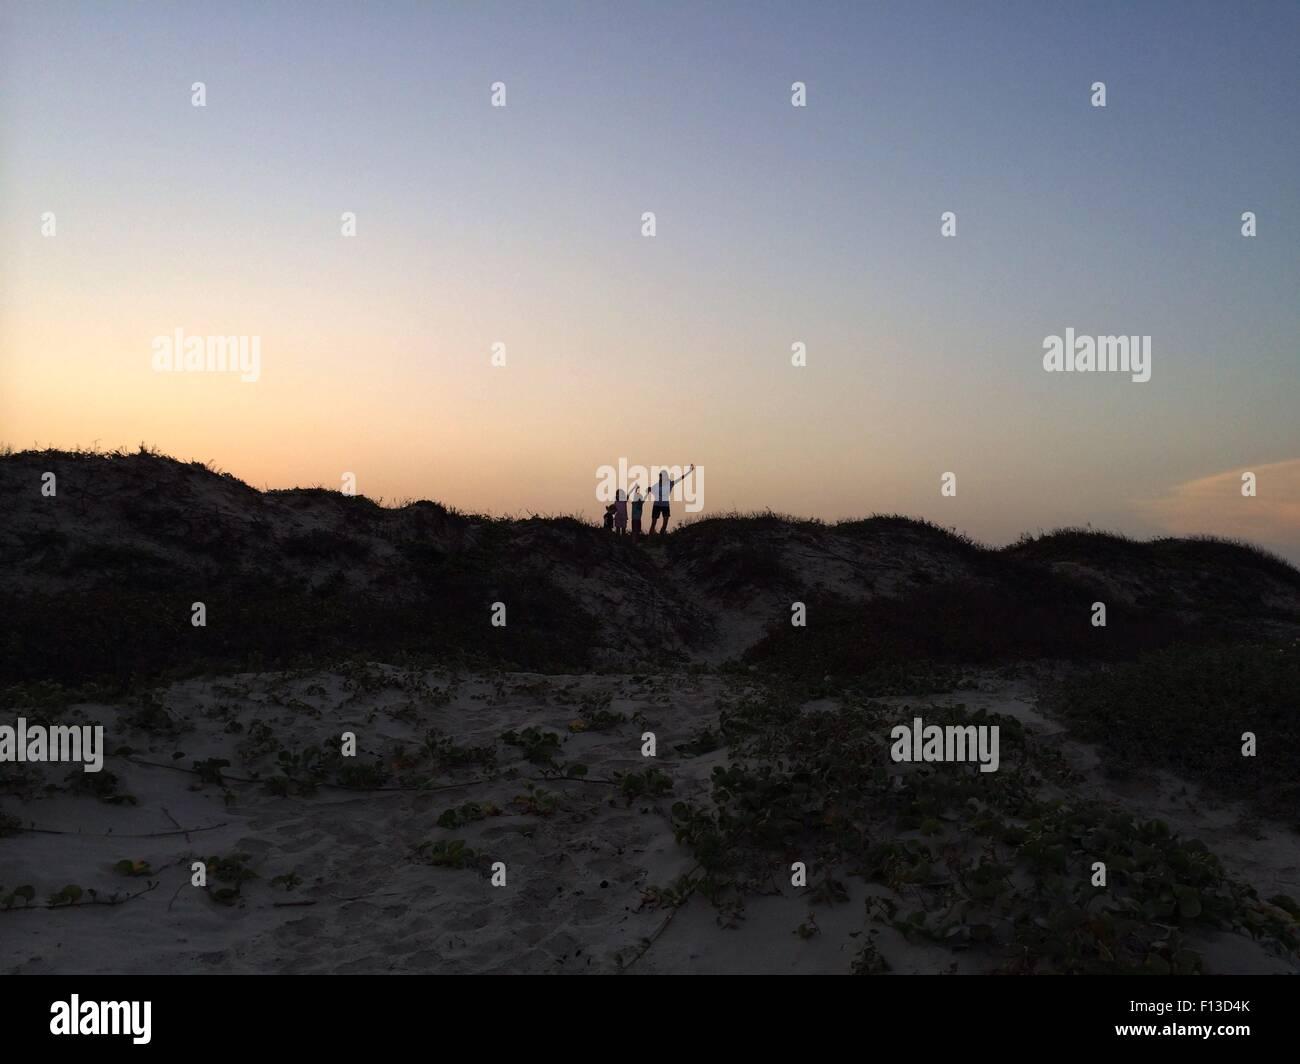 Silhouette de quatre personnes debout sur une dune de sable Photo Stock